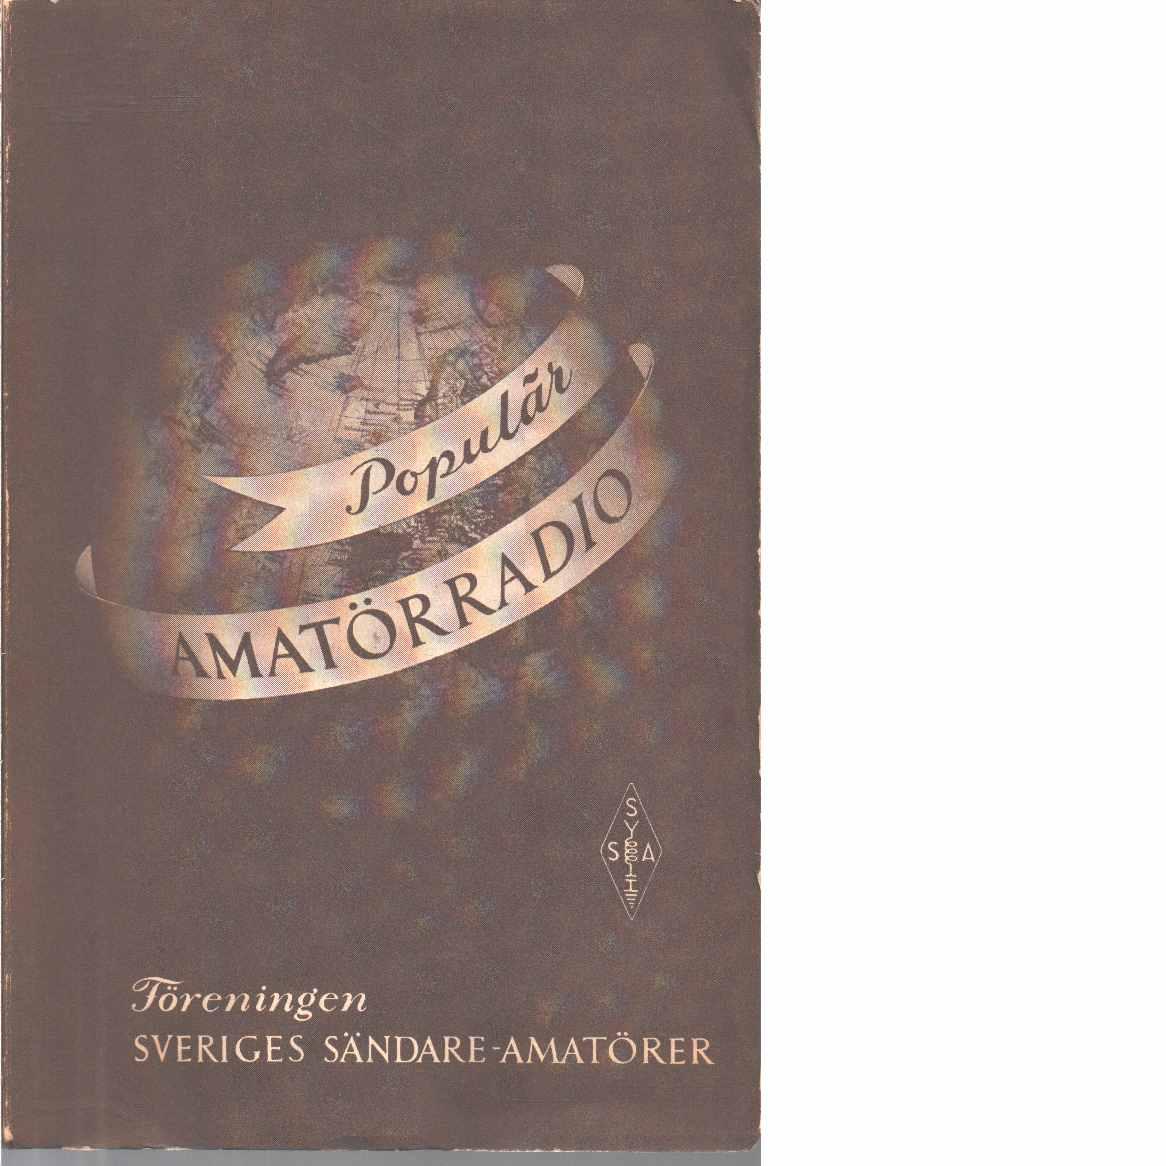 Populär amatörradio - Vesterlid, Arne